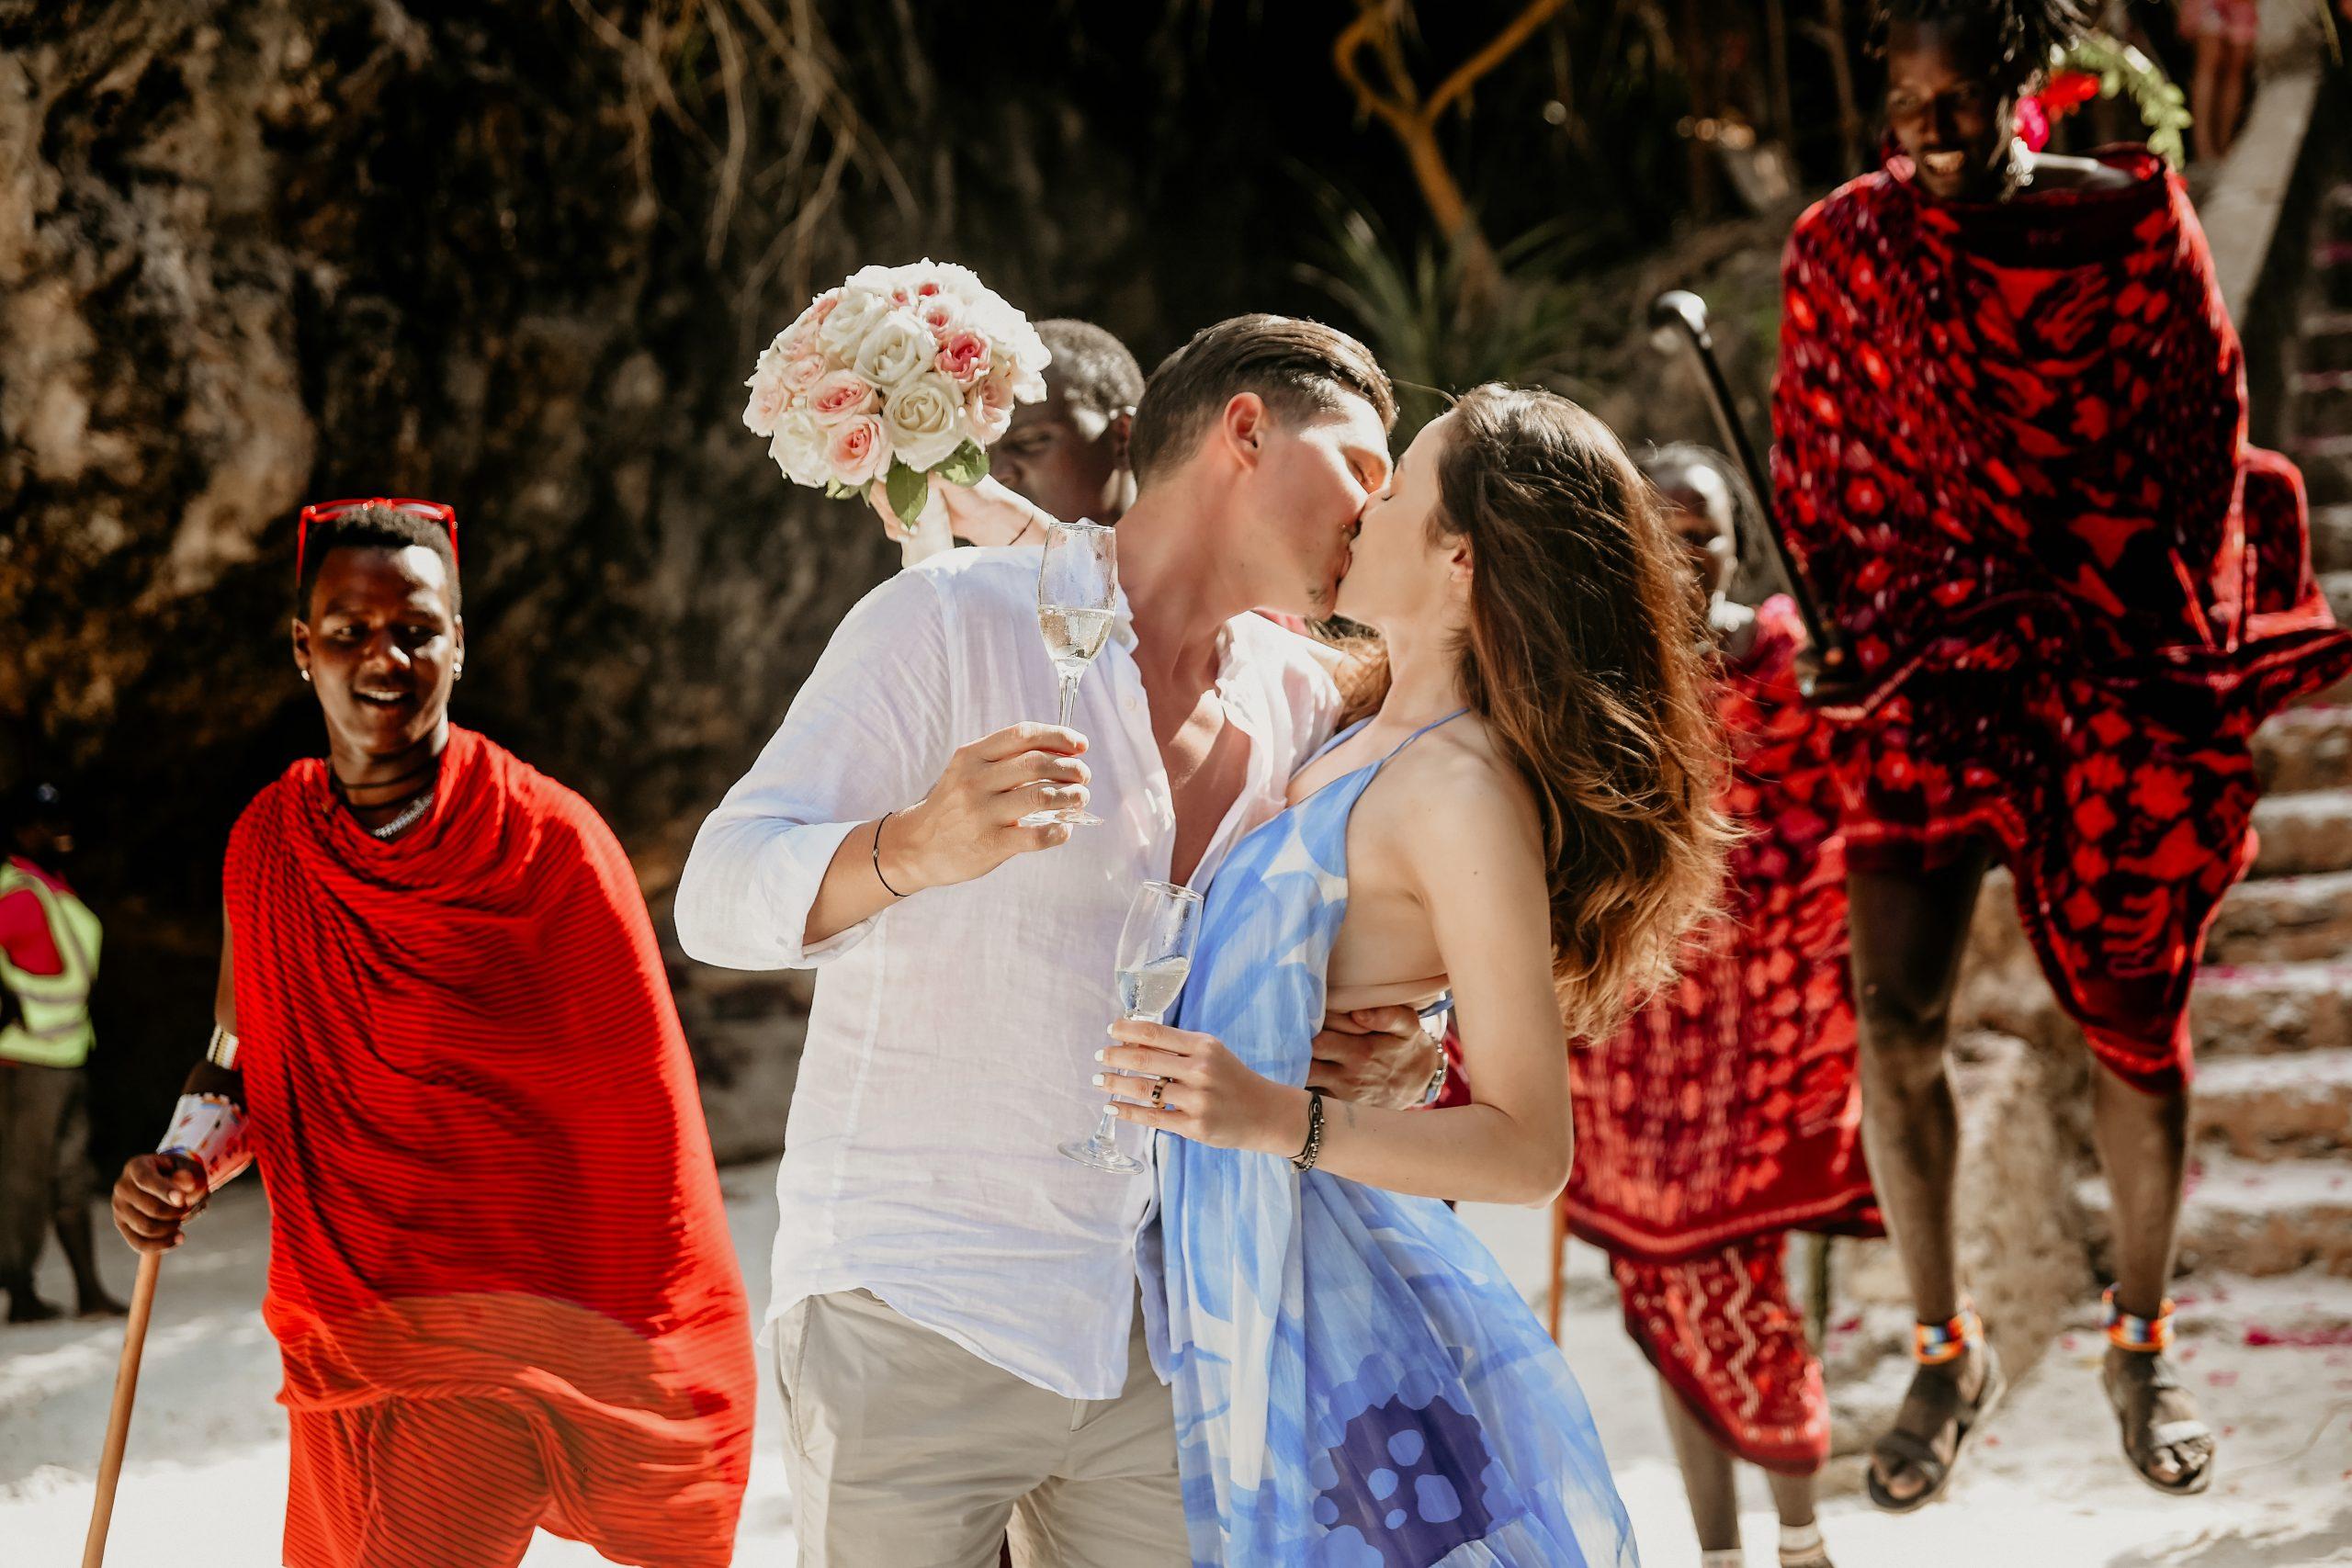 Jean și Deniz - Nunta cu Masai, Nunta pe plaja, Sedinta foto pe plaja